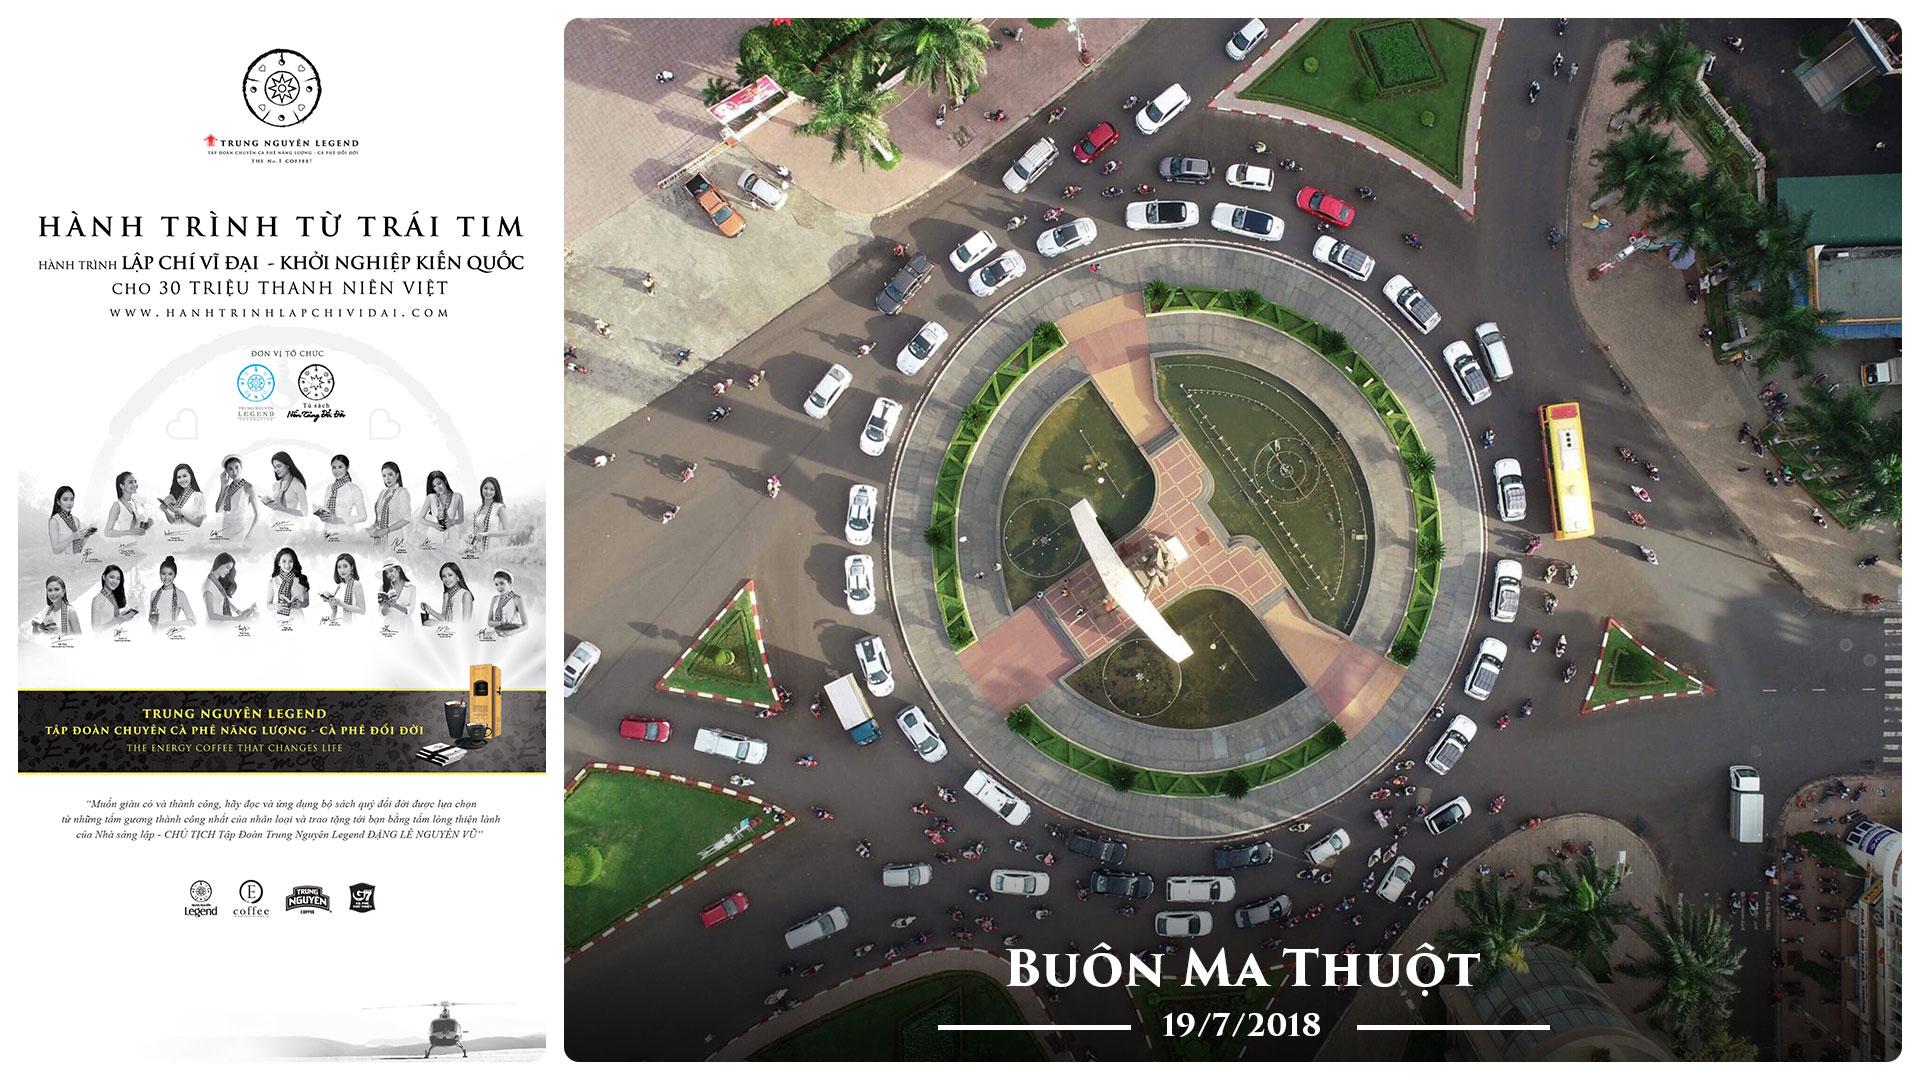 Nhật ký Hành Trình Từ Trái Tim – Ngày 19/07/2018: Buôn Ma Thuột